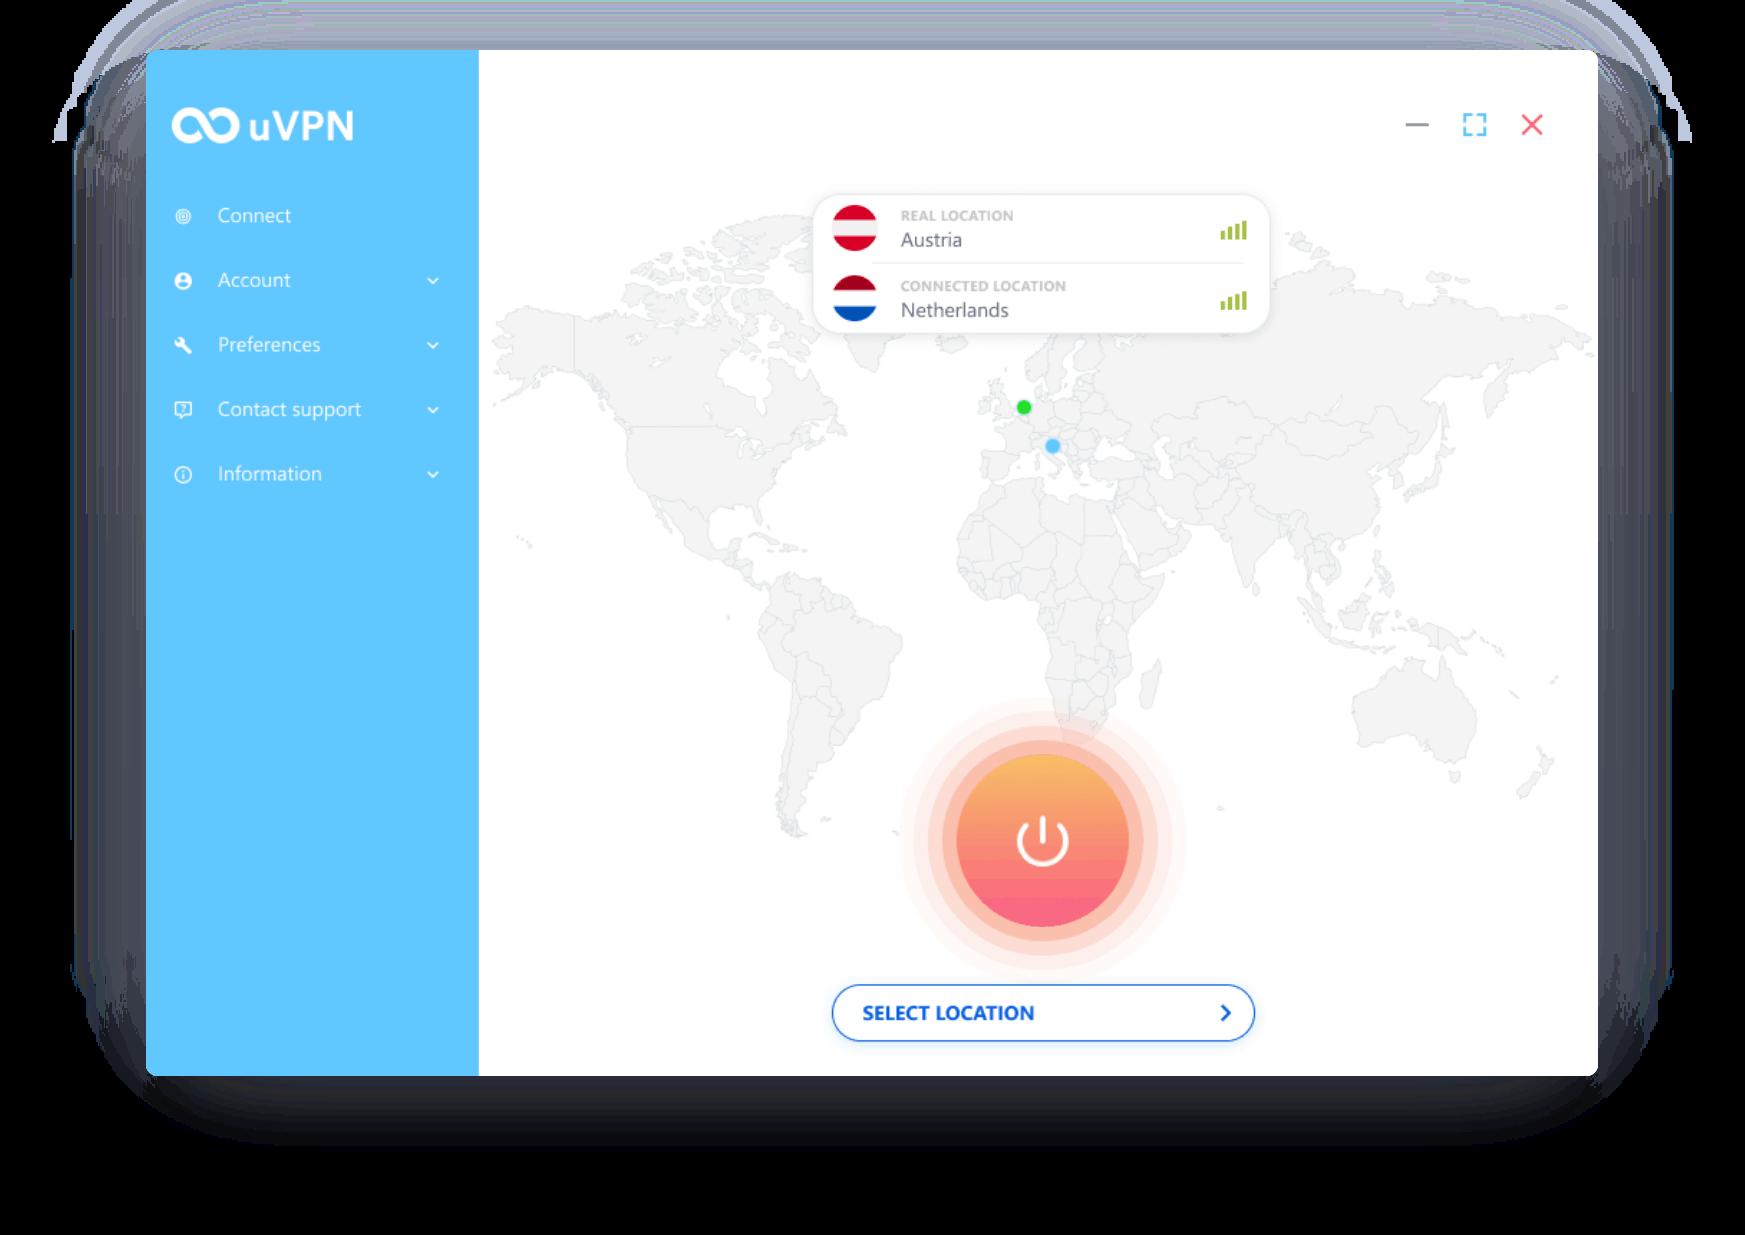 Download VPN for Windows